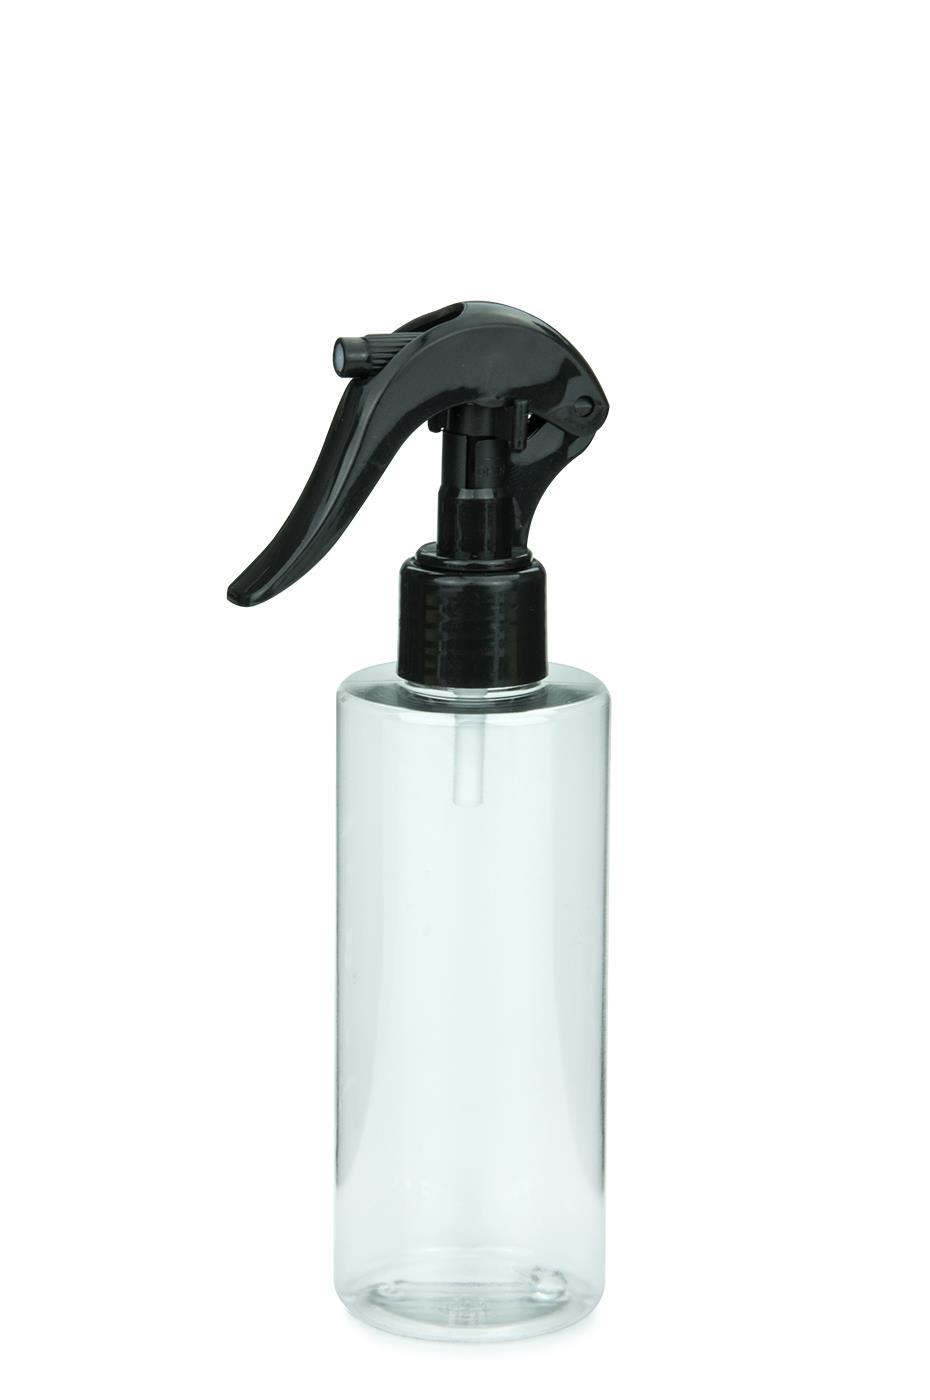 pet flasche leonora 200 ml klar mit mini trigger spr hzerst uber 24 410 schwarz. Black Bedroom Furniture Sets. Home Design Ideas